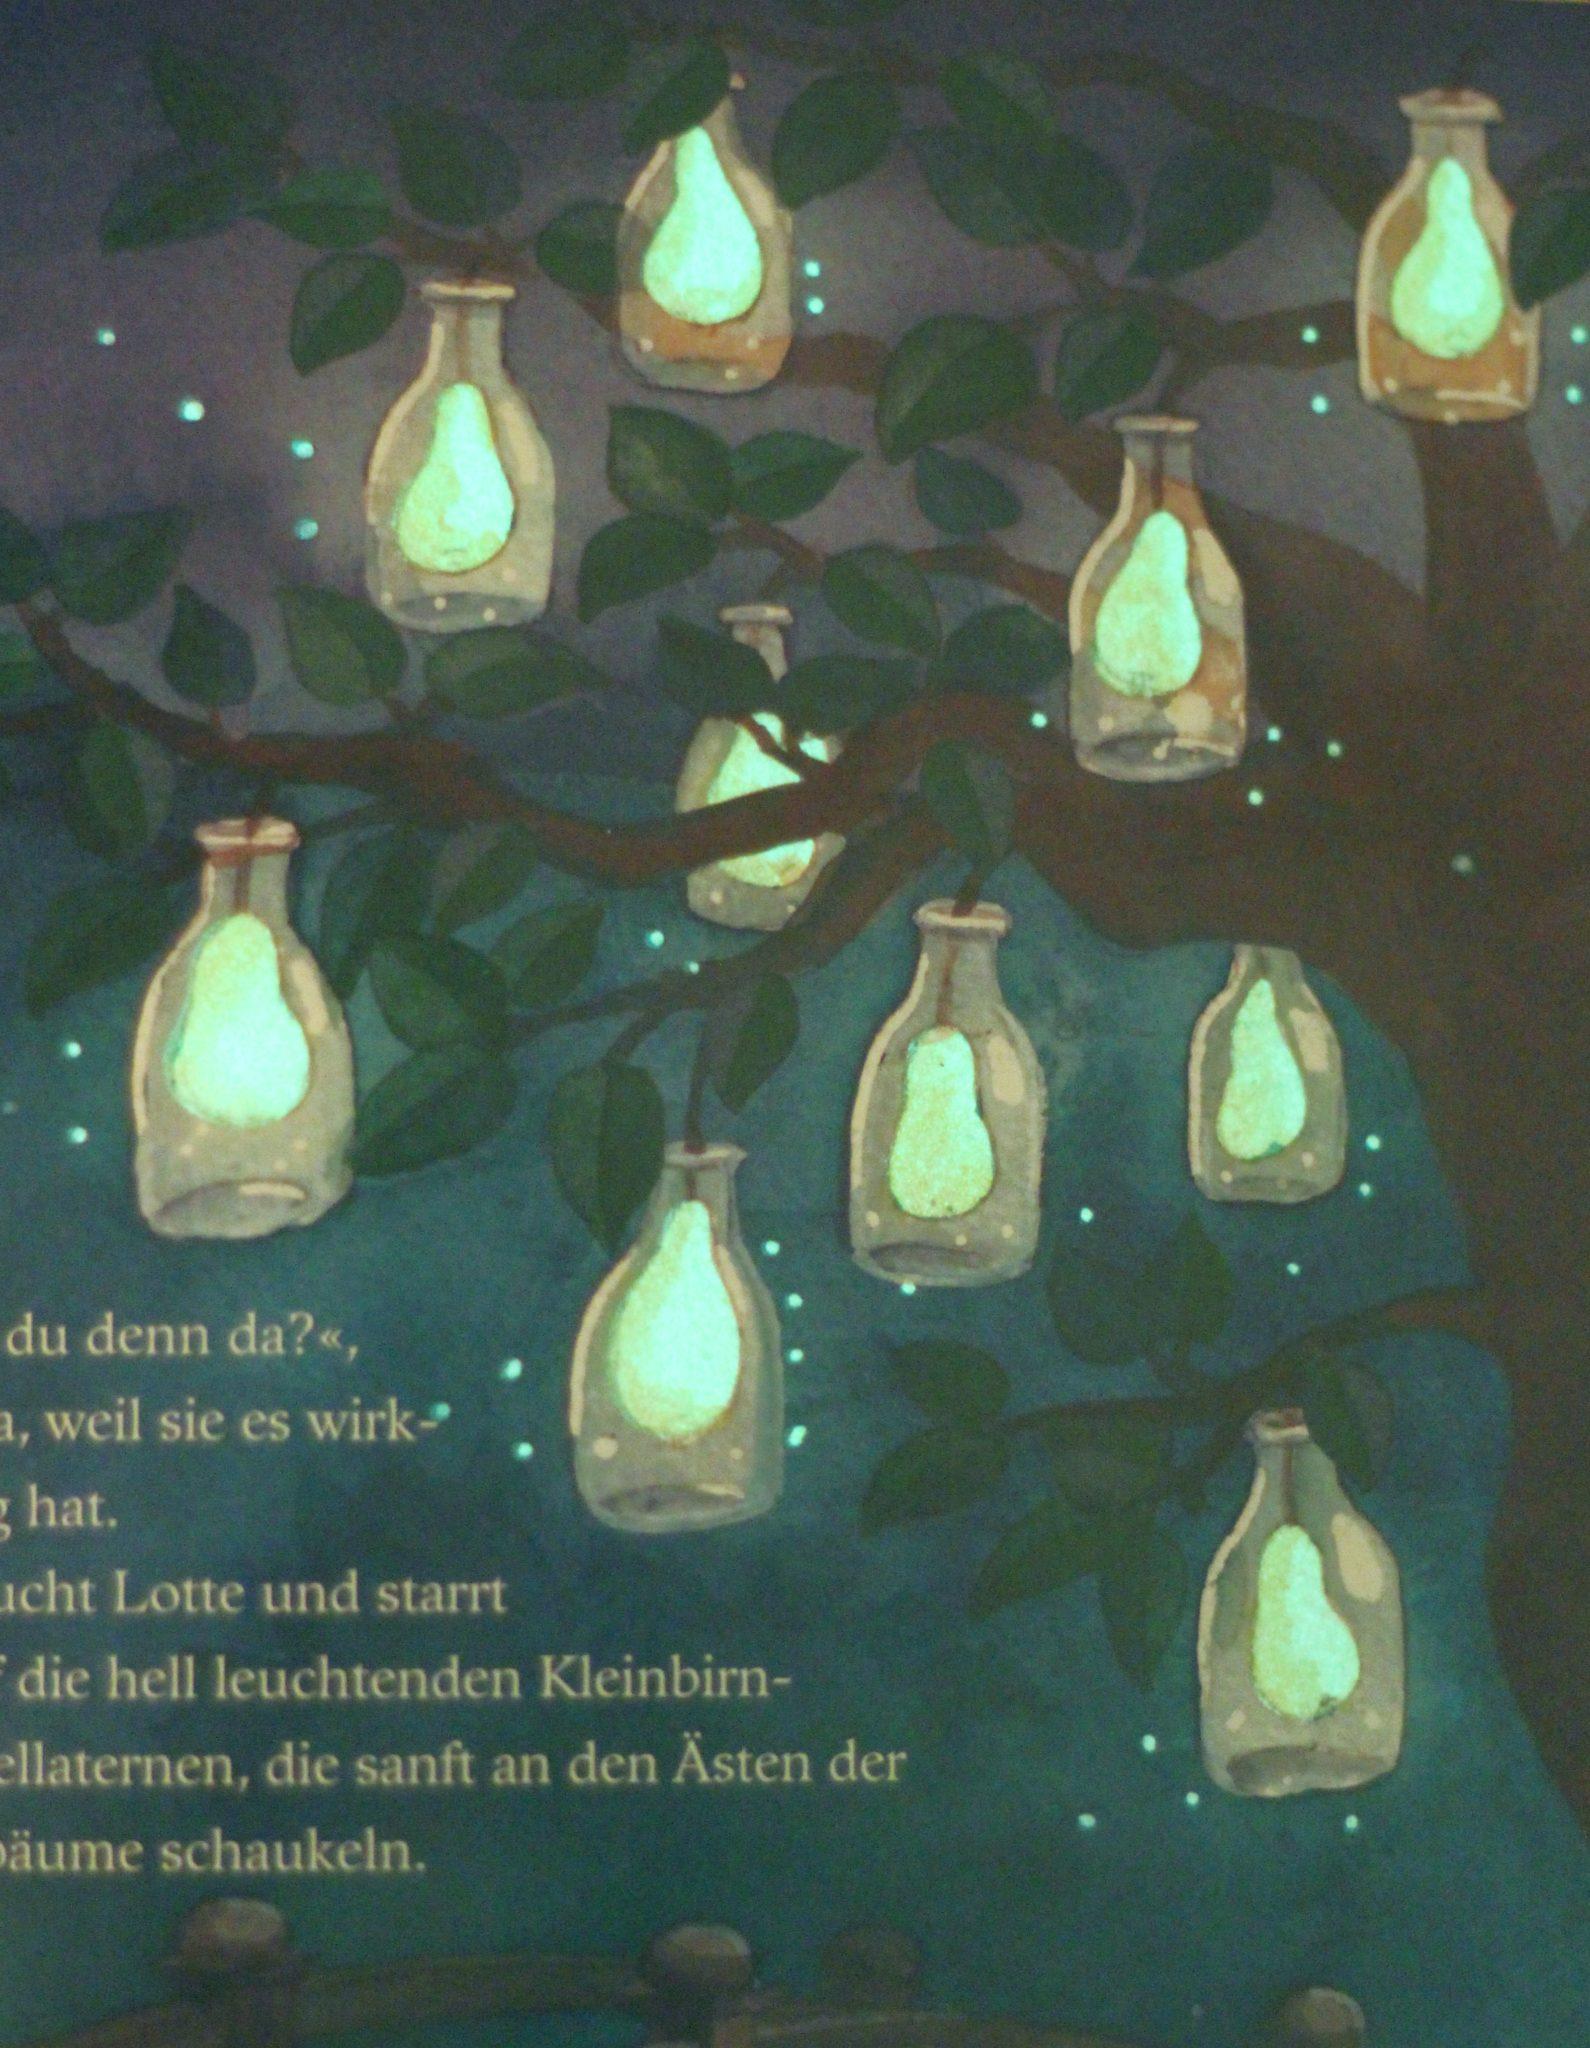 Maluna Mondschein leuchtet Buch